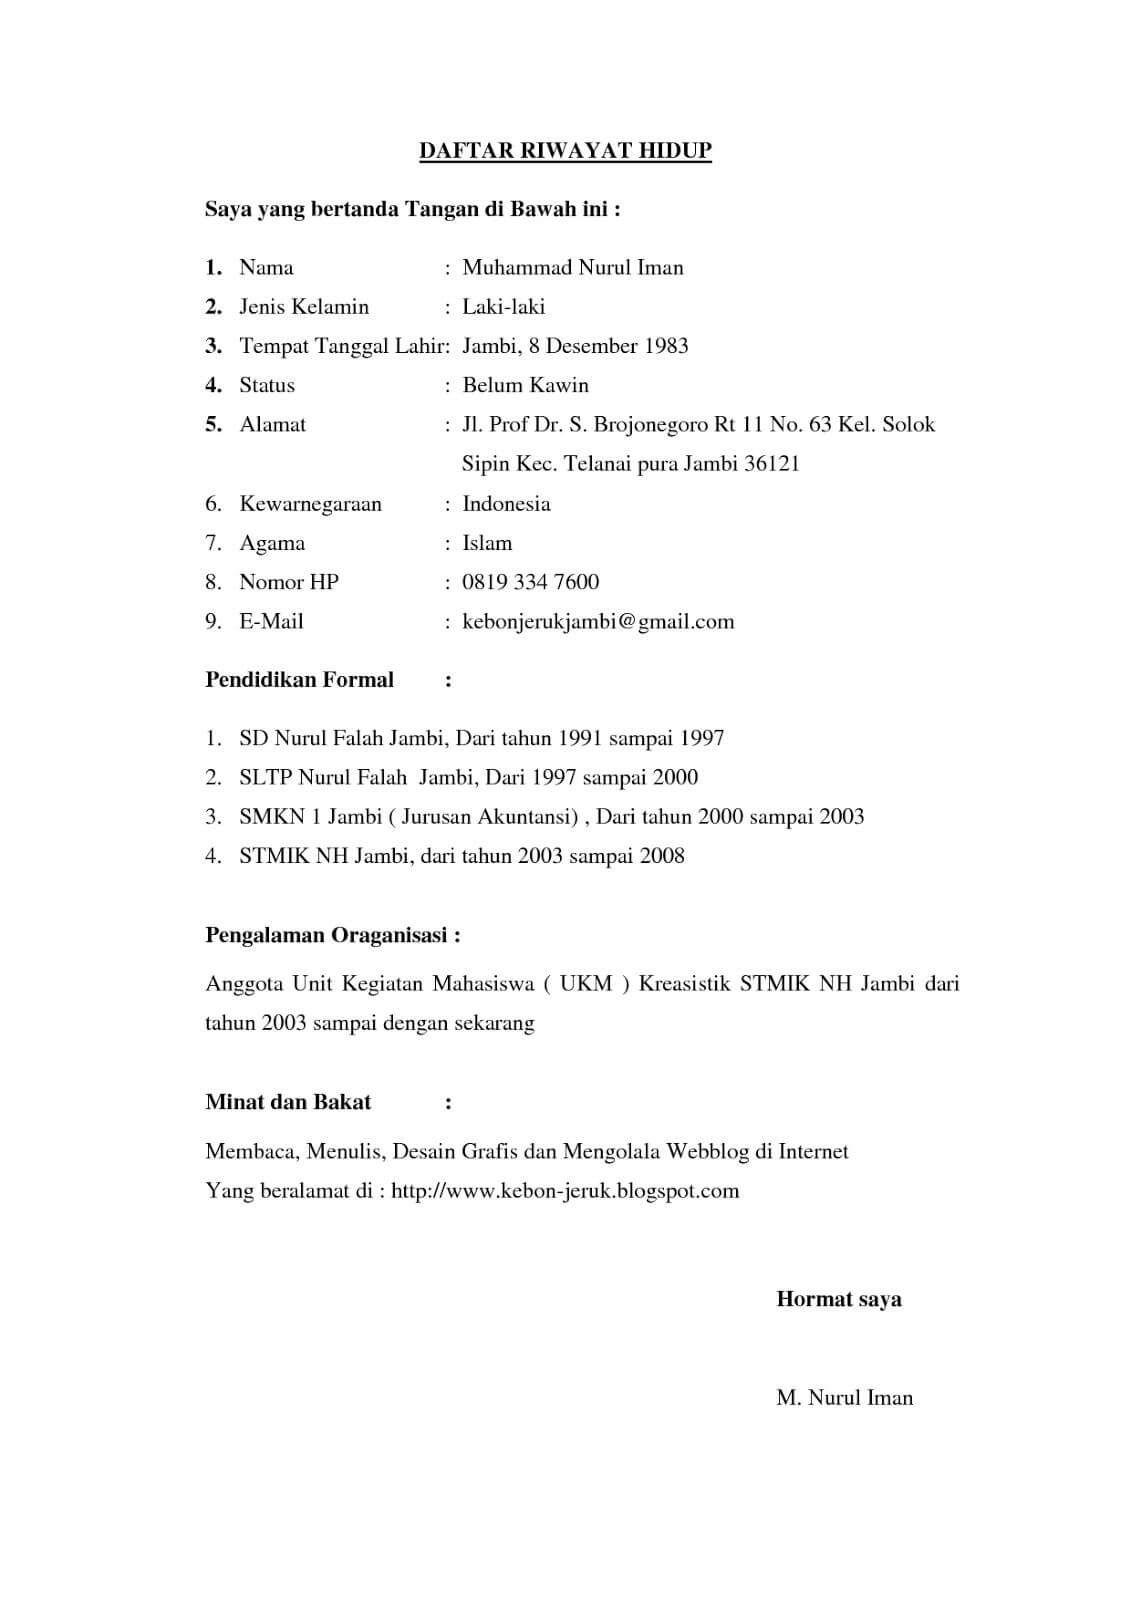 15 Contoh Daftar Riwayat Hidup Curriculum Vitae Cv Terlengkap Riwayat Hidup Hidup Desain Cv